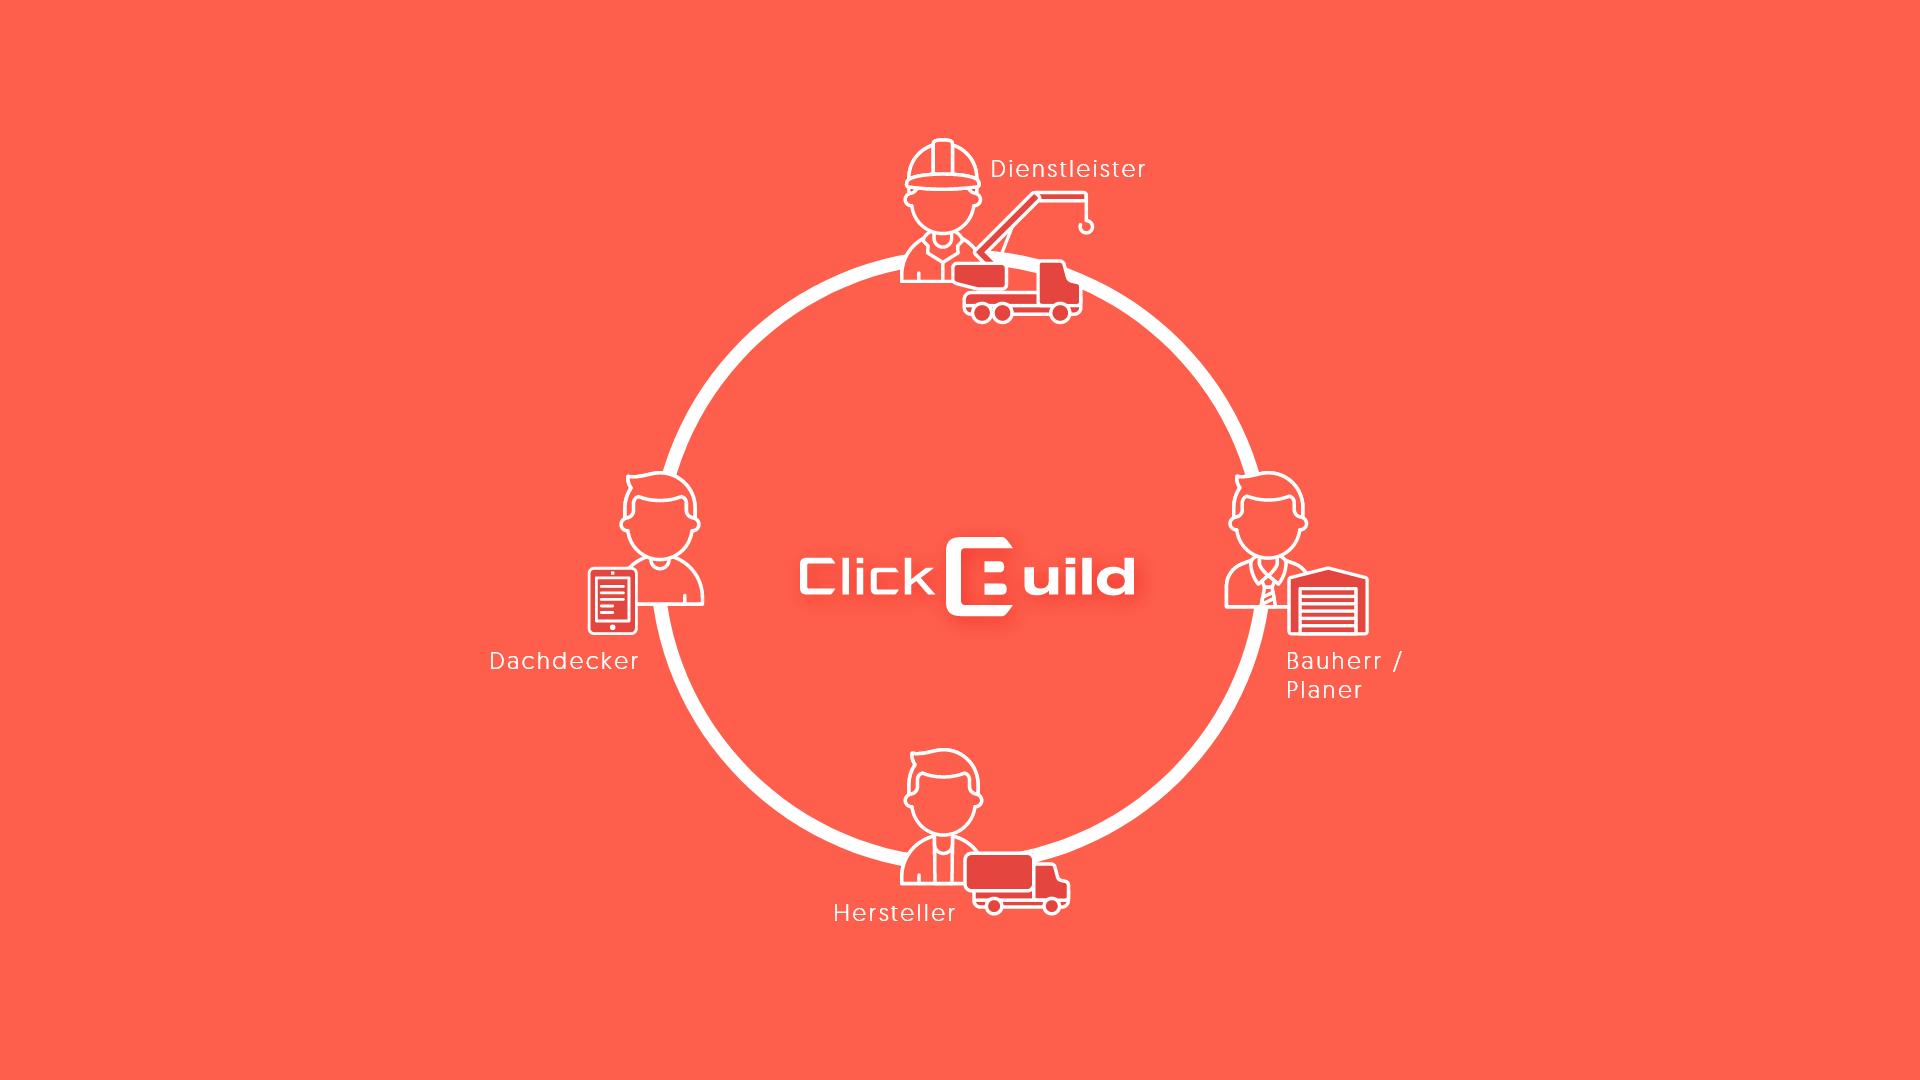 Auf der digitalen Plattform ClickBuild sind Dachdecker, Hersteller, Dienstleister sowie Planer und Bauherren vertreten. Foto: © ClickBuild